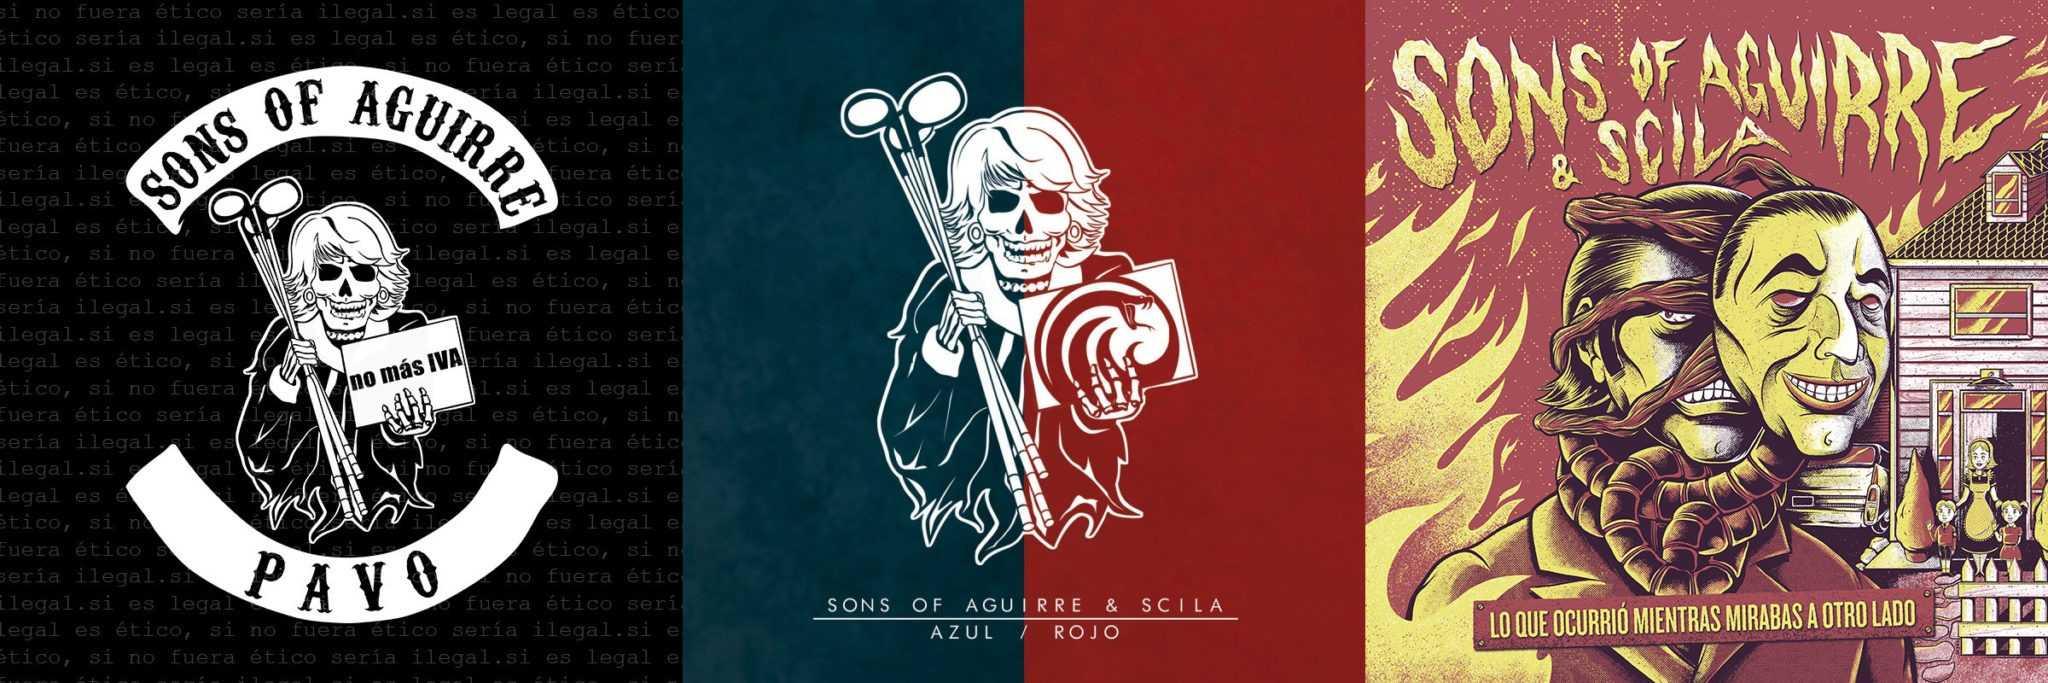 La discografía de Sons Of Aguirre & Scila, canciones sueltas y más